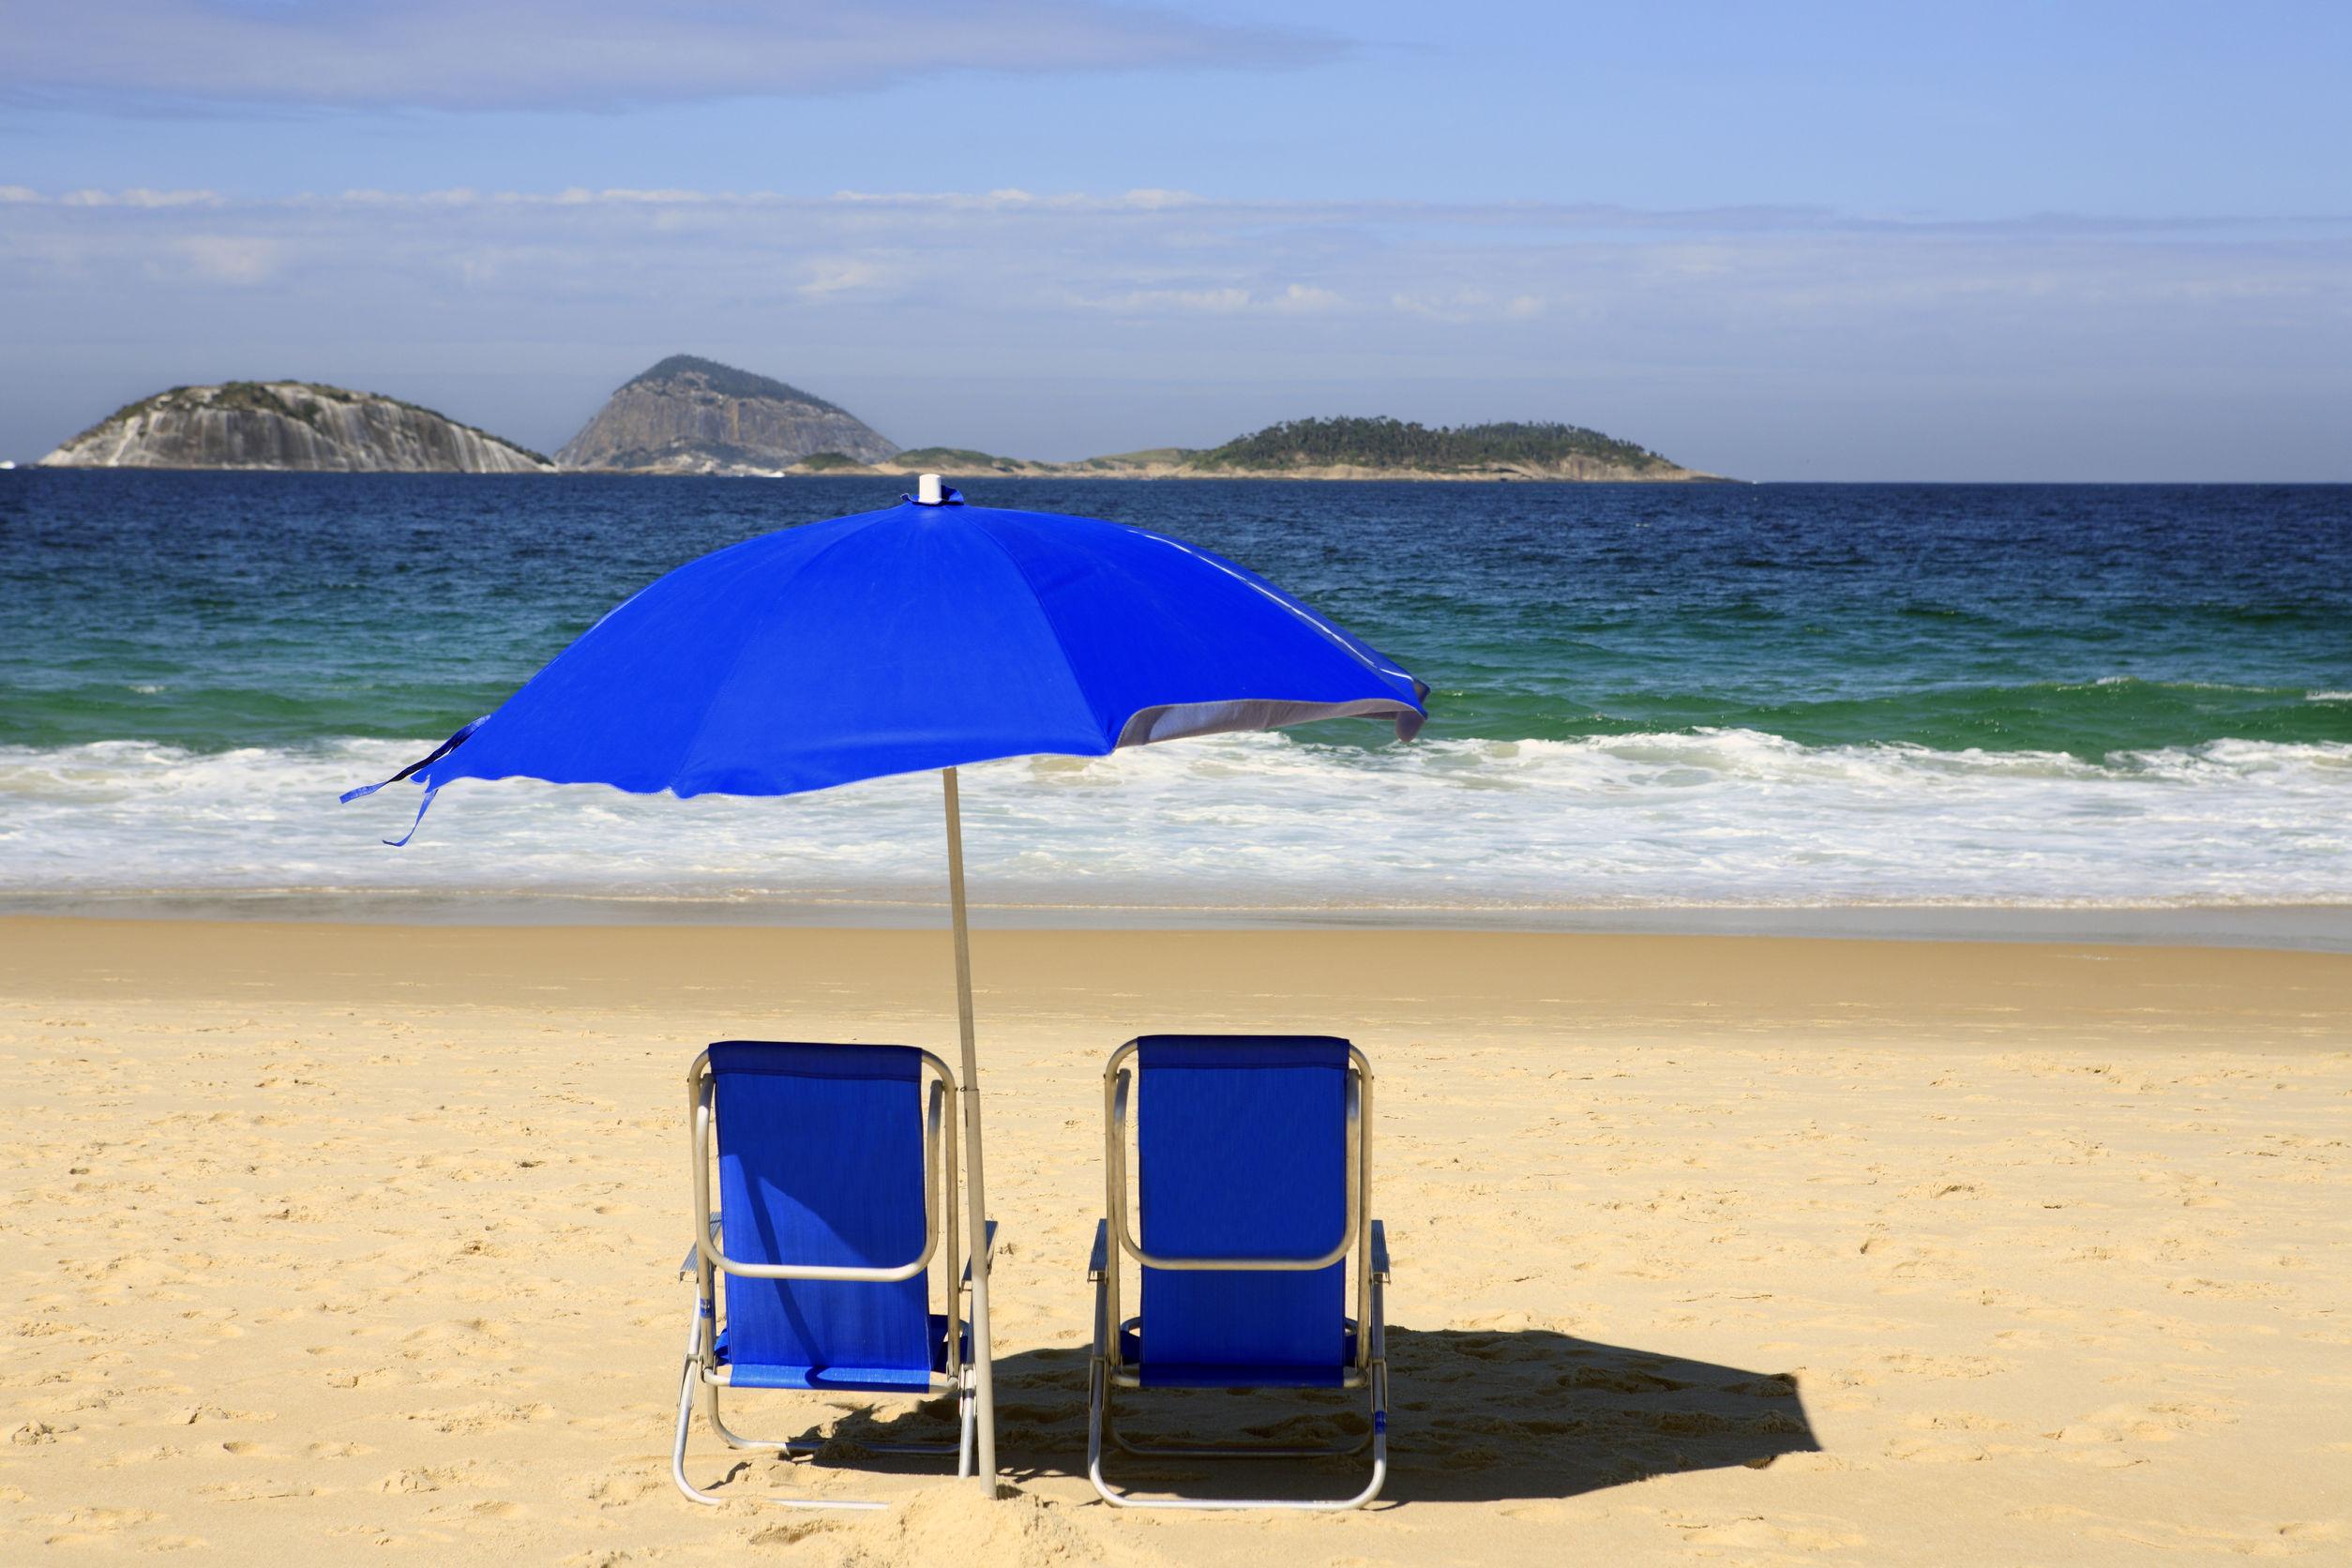 Miglior sedia da spiaggia 2020: Guida all'acquisto